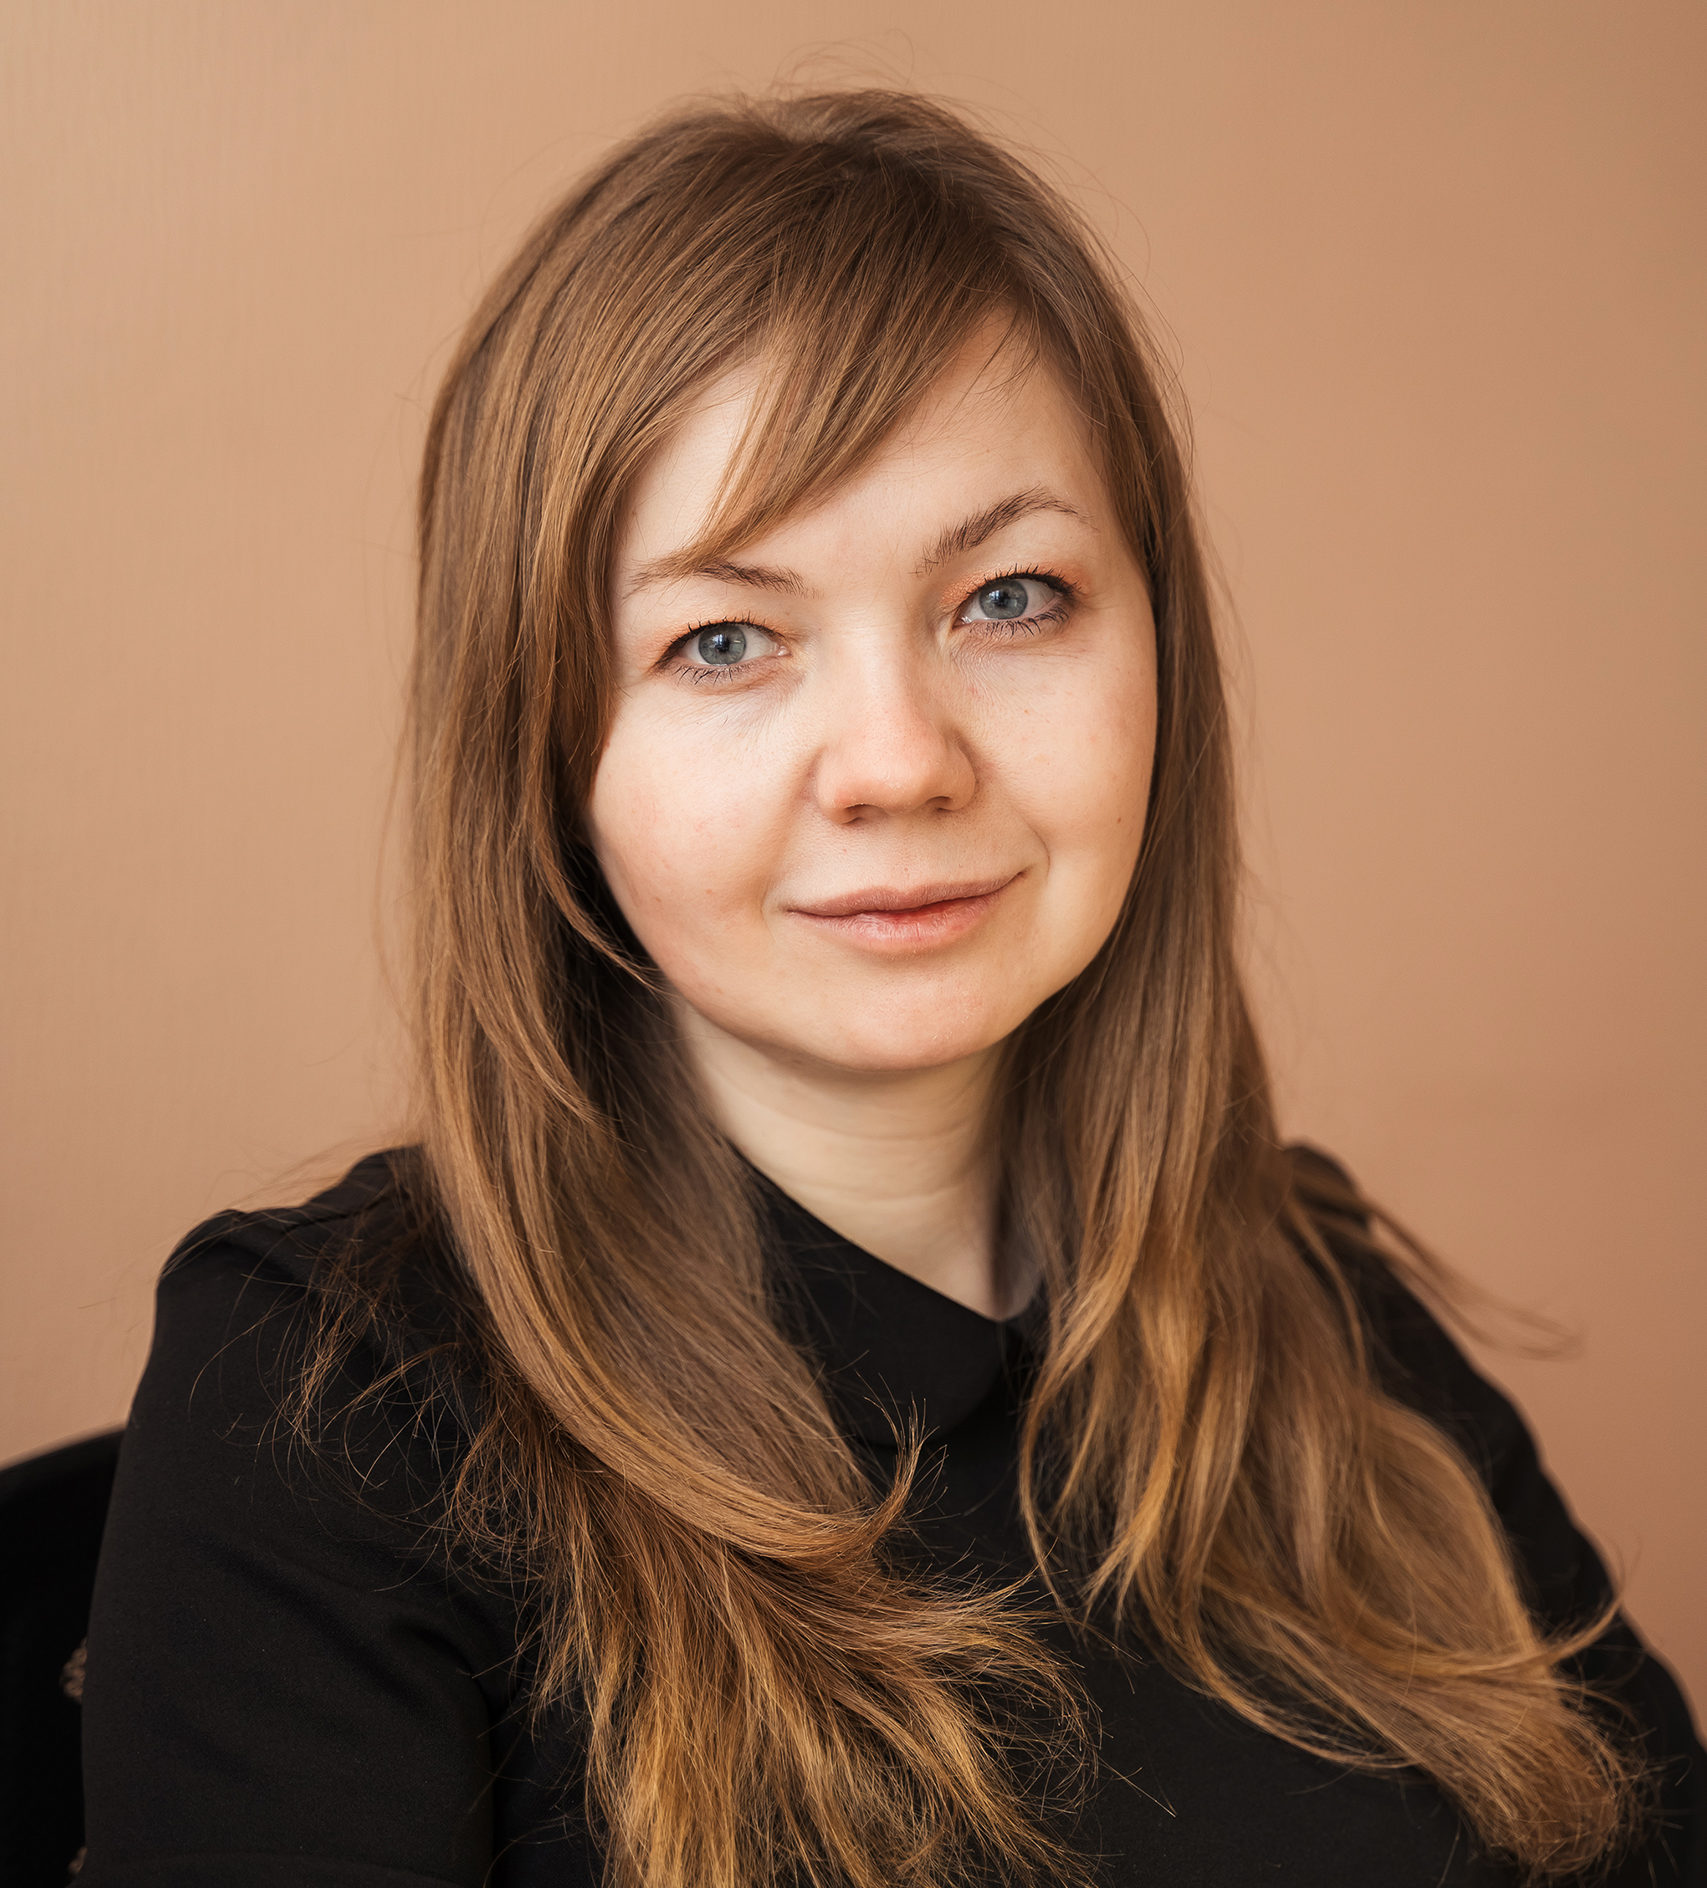 Вера Лебедева: благодаря безостановочной работе промышленных предприятий удалось избежать падения значимых экономических показателей